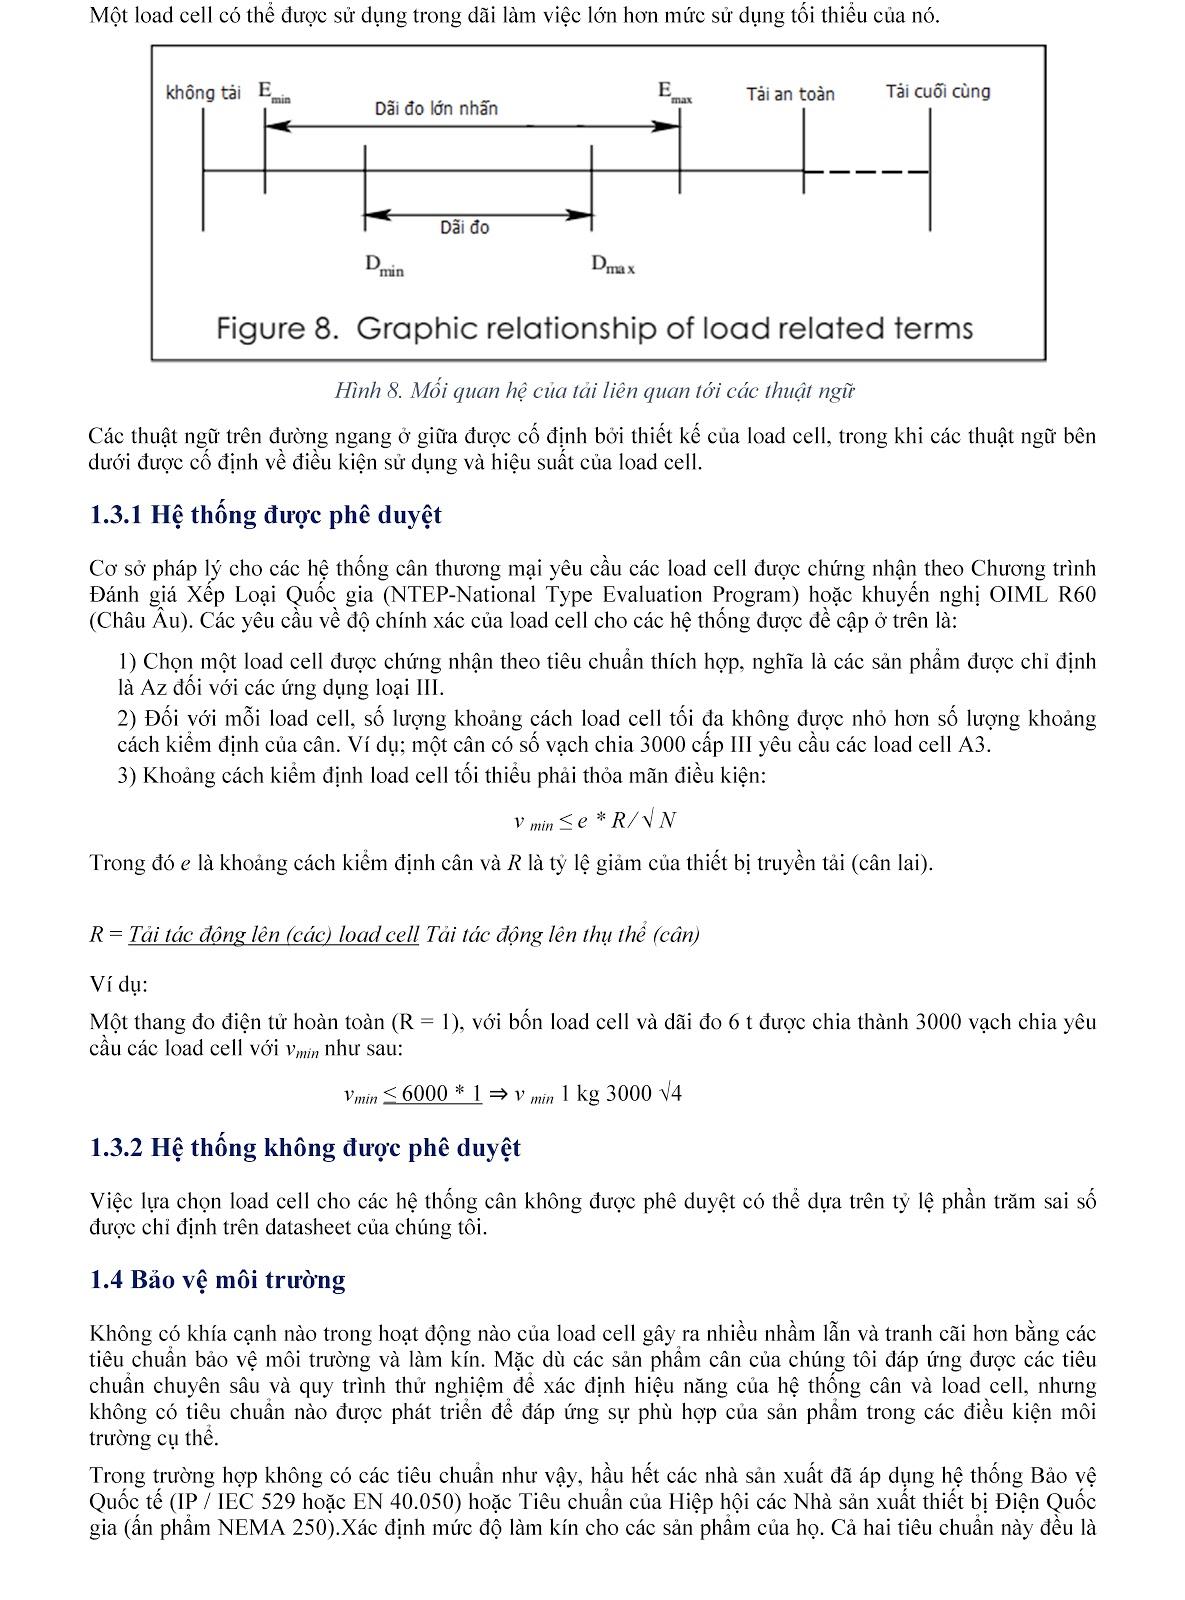 Lưu ý kỹ thuật về Load cell và module cân điện tử (tt) 7